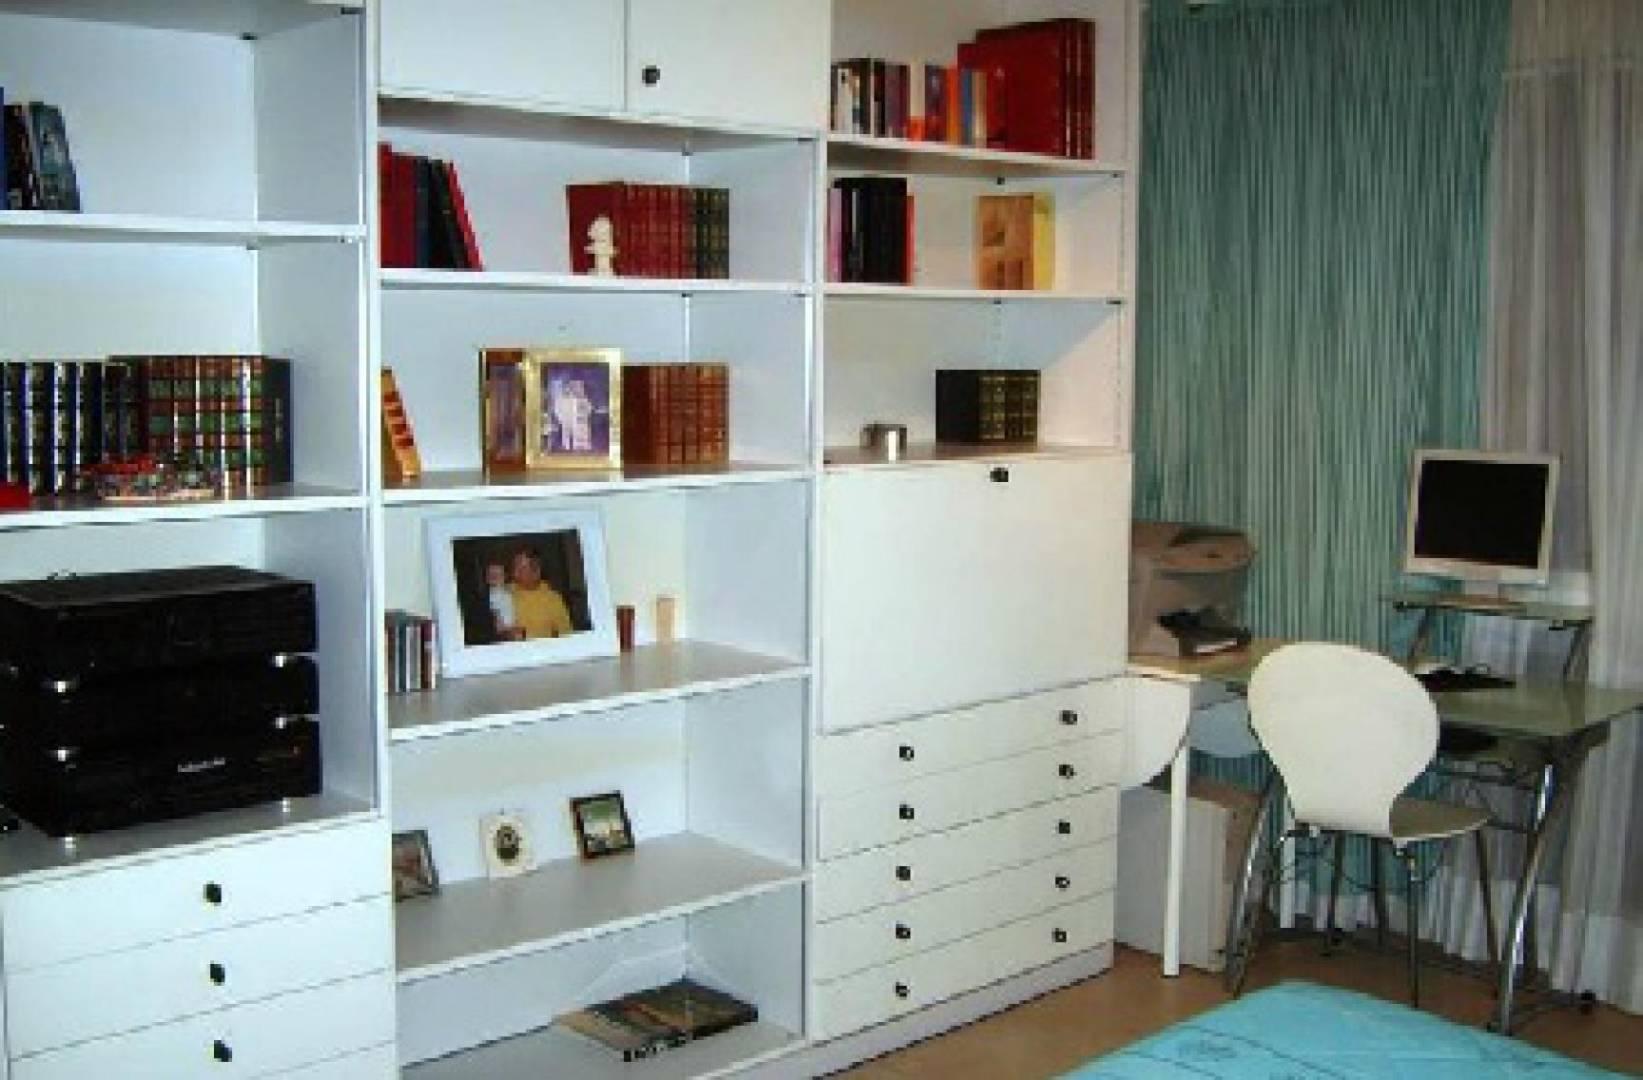 appartement perpignan 66000 viager libre perpignan. Black Bedroom Furniture Sets. Home Design Ideas